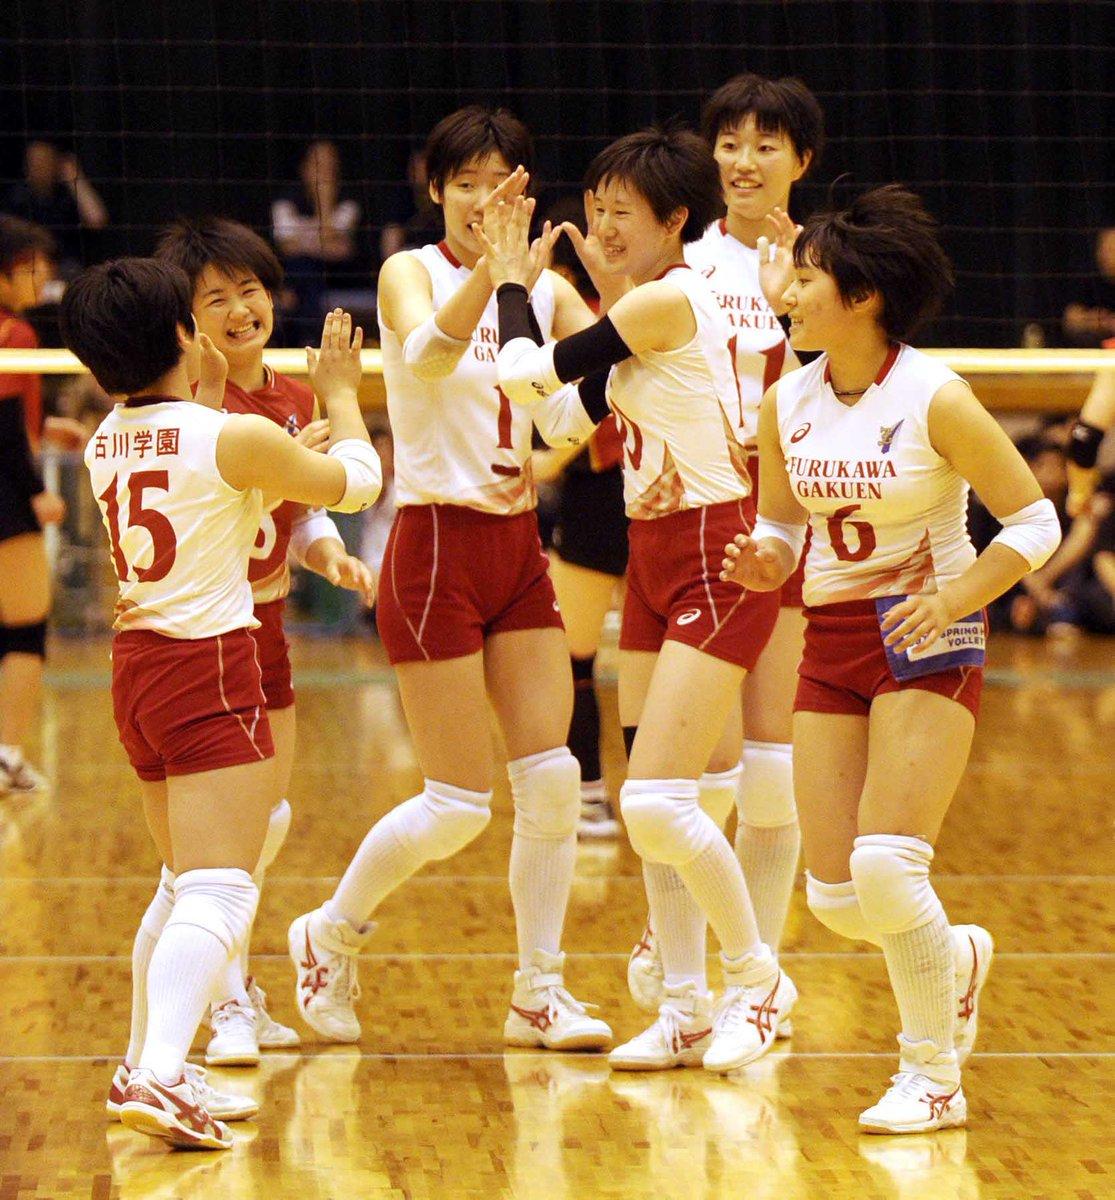 古川 学園 バレーボール